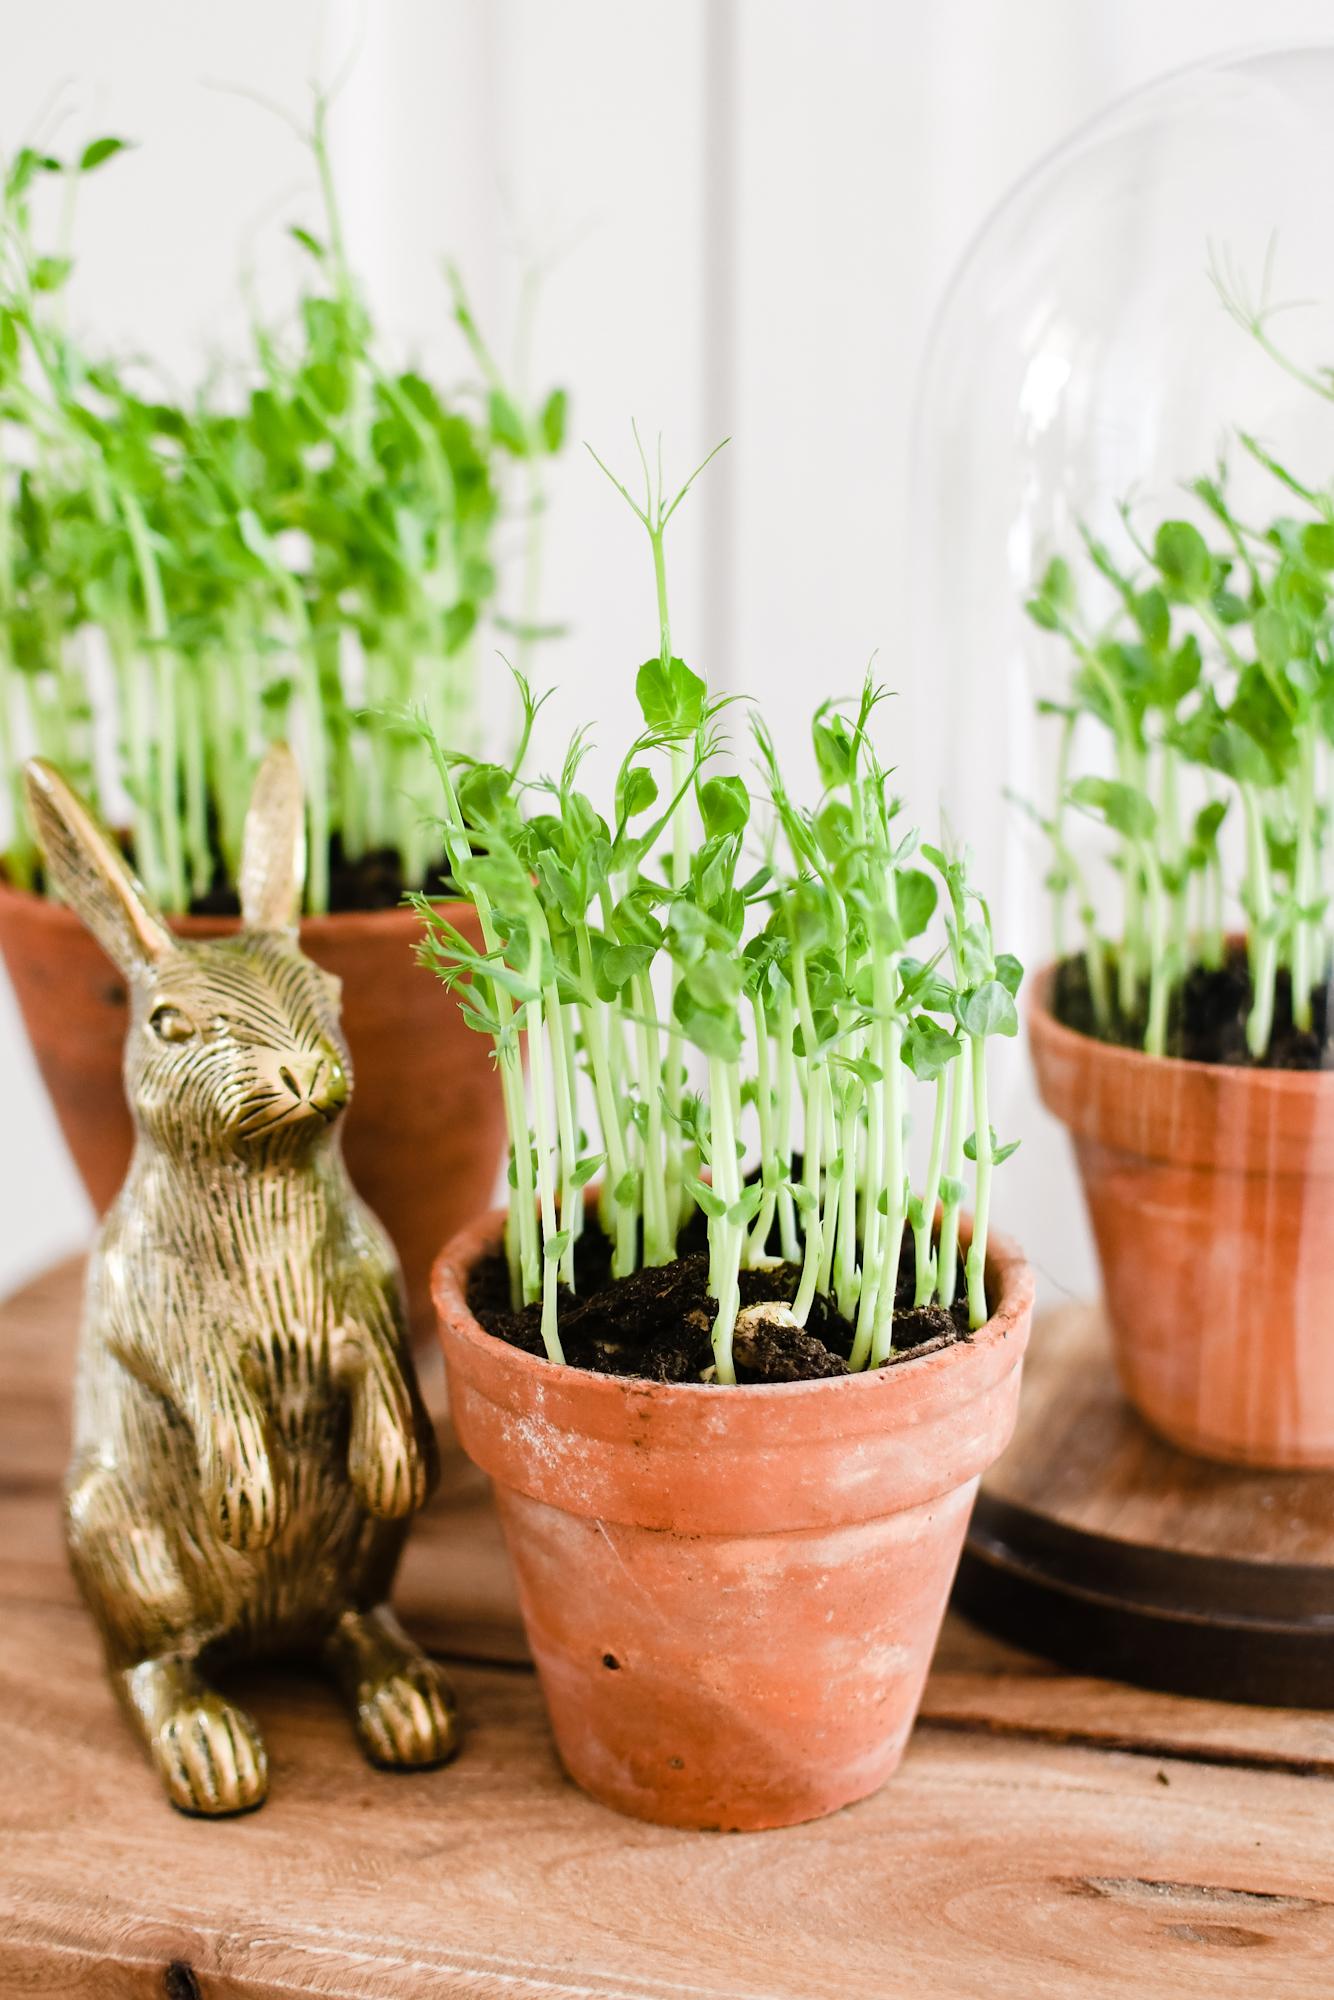 pea shoots / erwtenscheuten kweken binnen